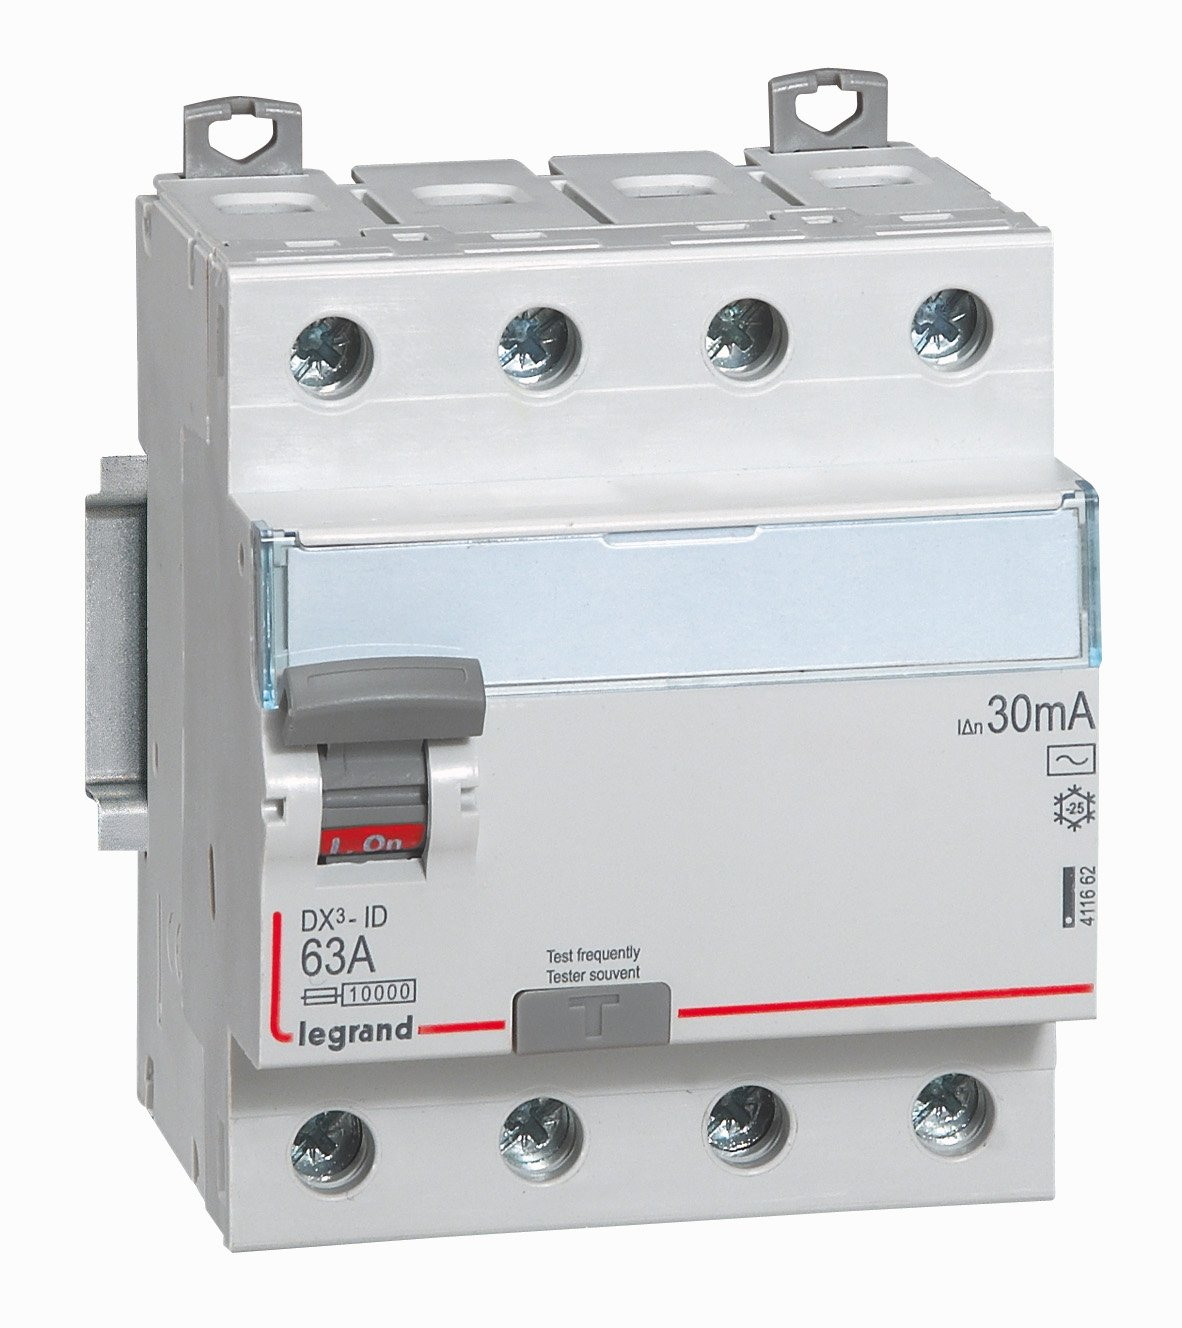 Legrand LEG411661 Interrupteur diff/érentiel dx-id Vis//Vis 4P 400 V 40 A Type AC 30 mA D/épart bas 4 m